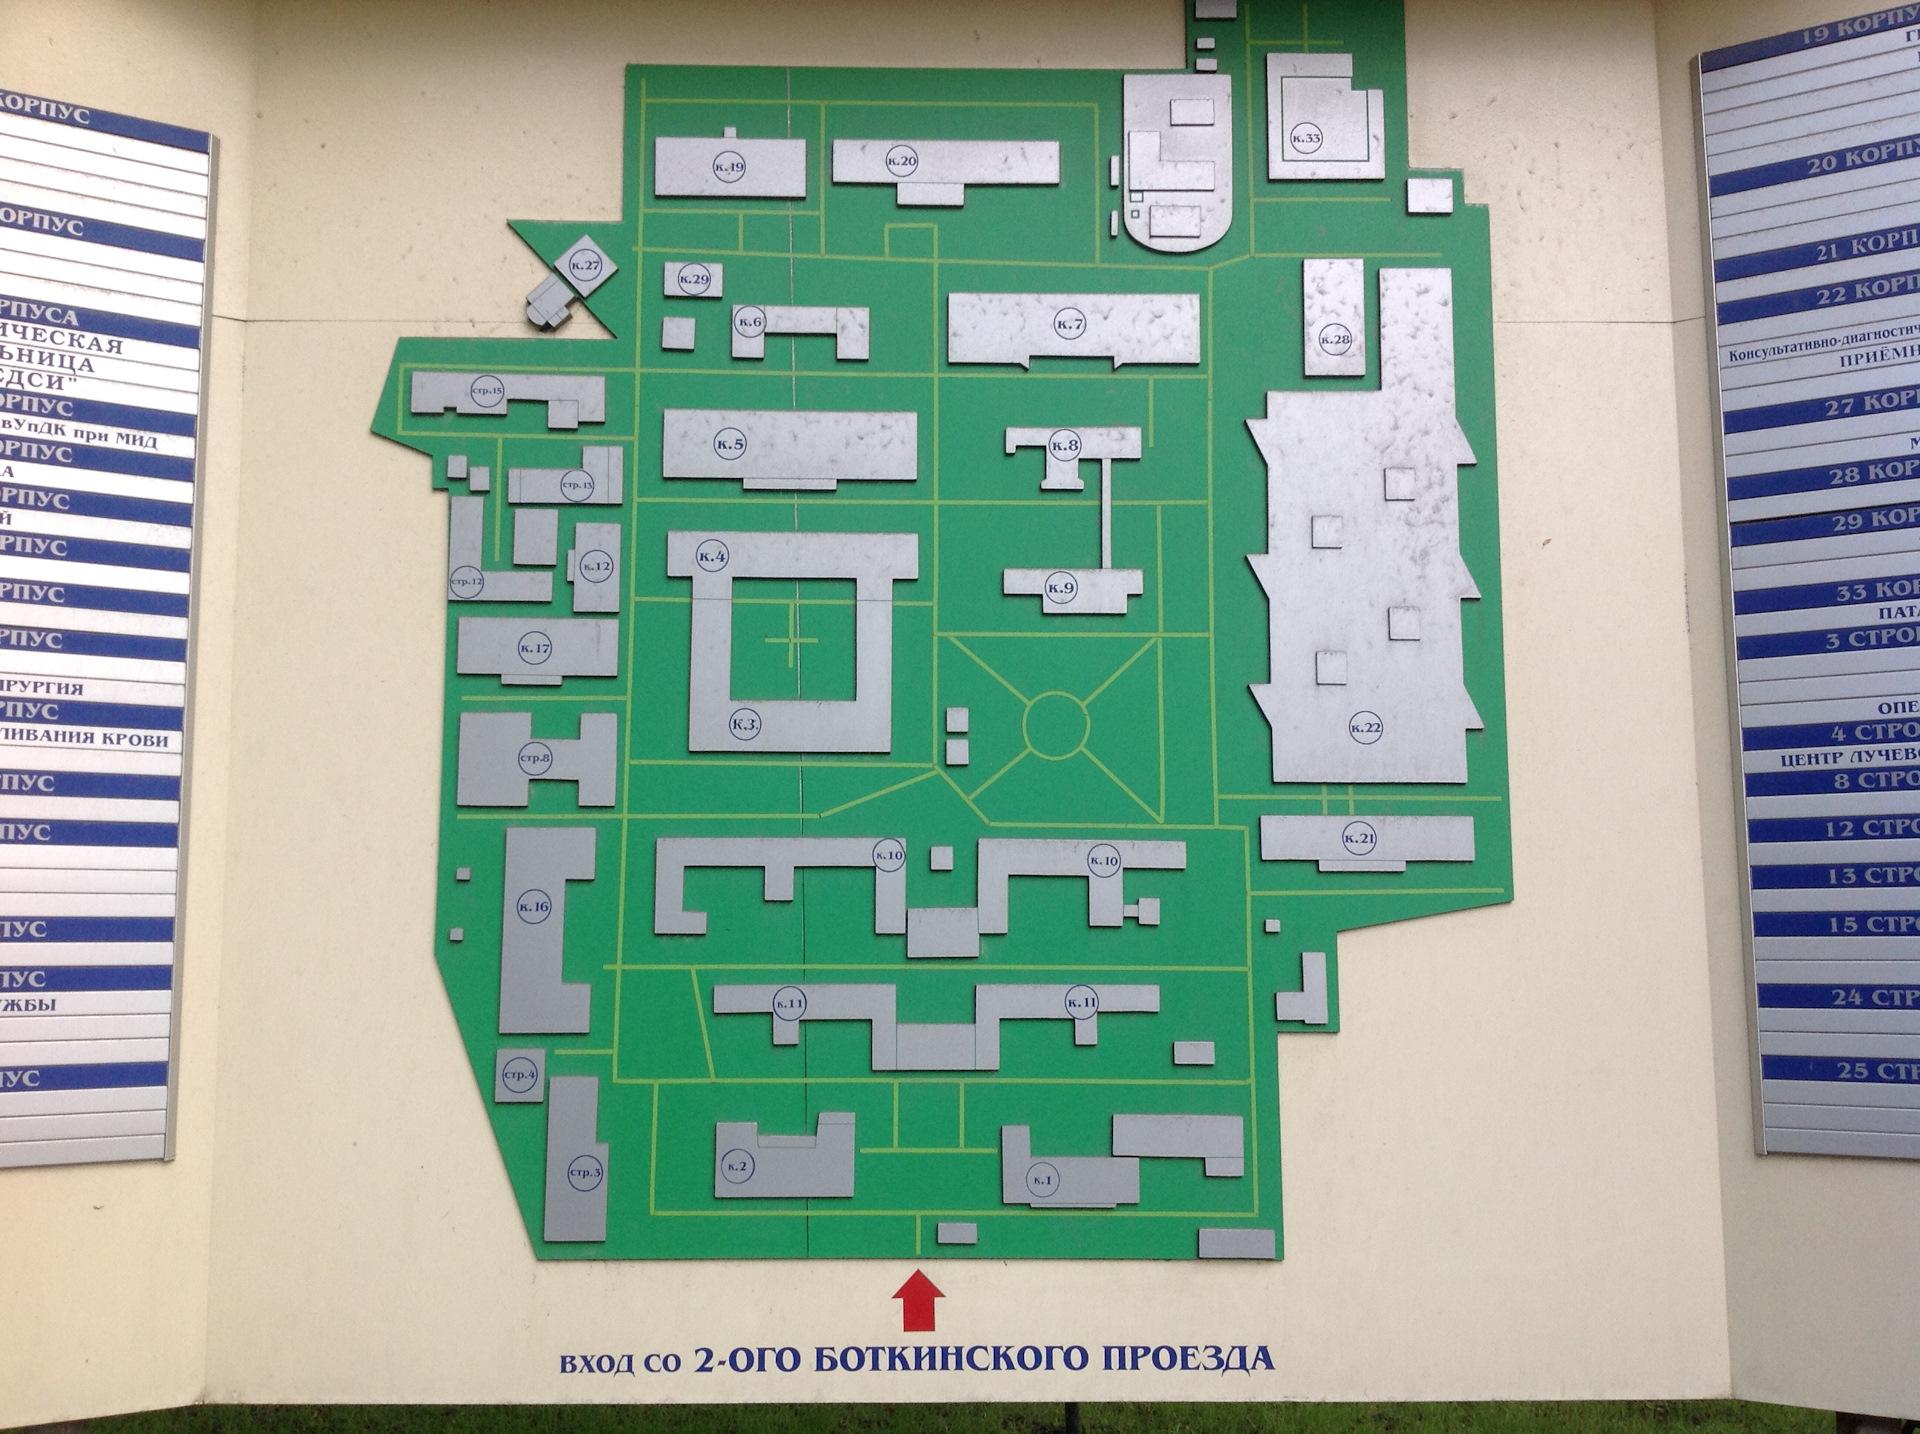 Схема корпусов в филатовской больнице